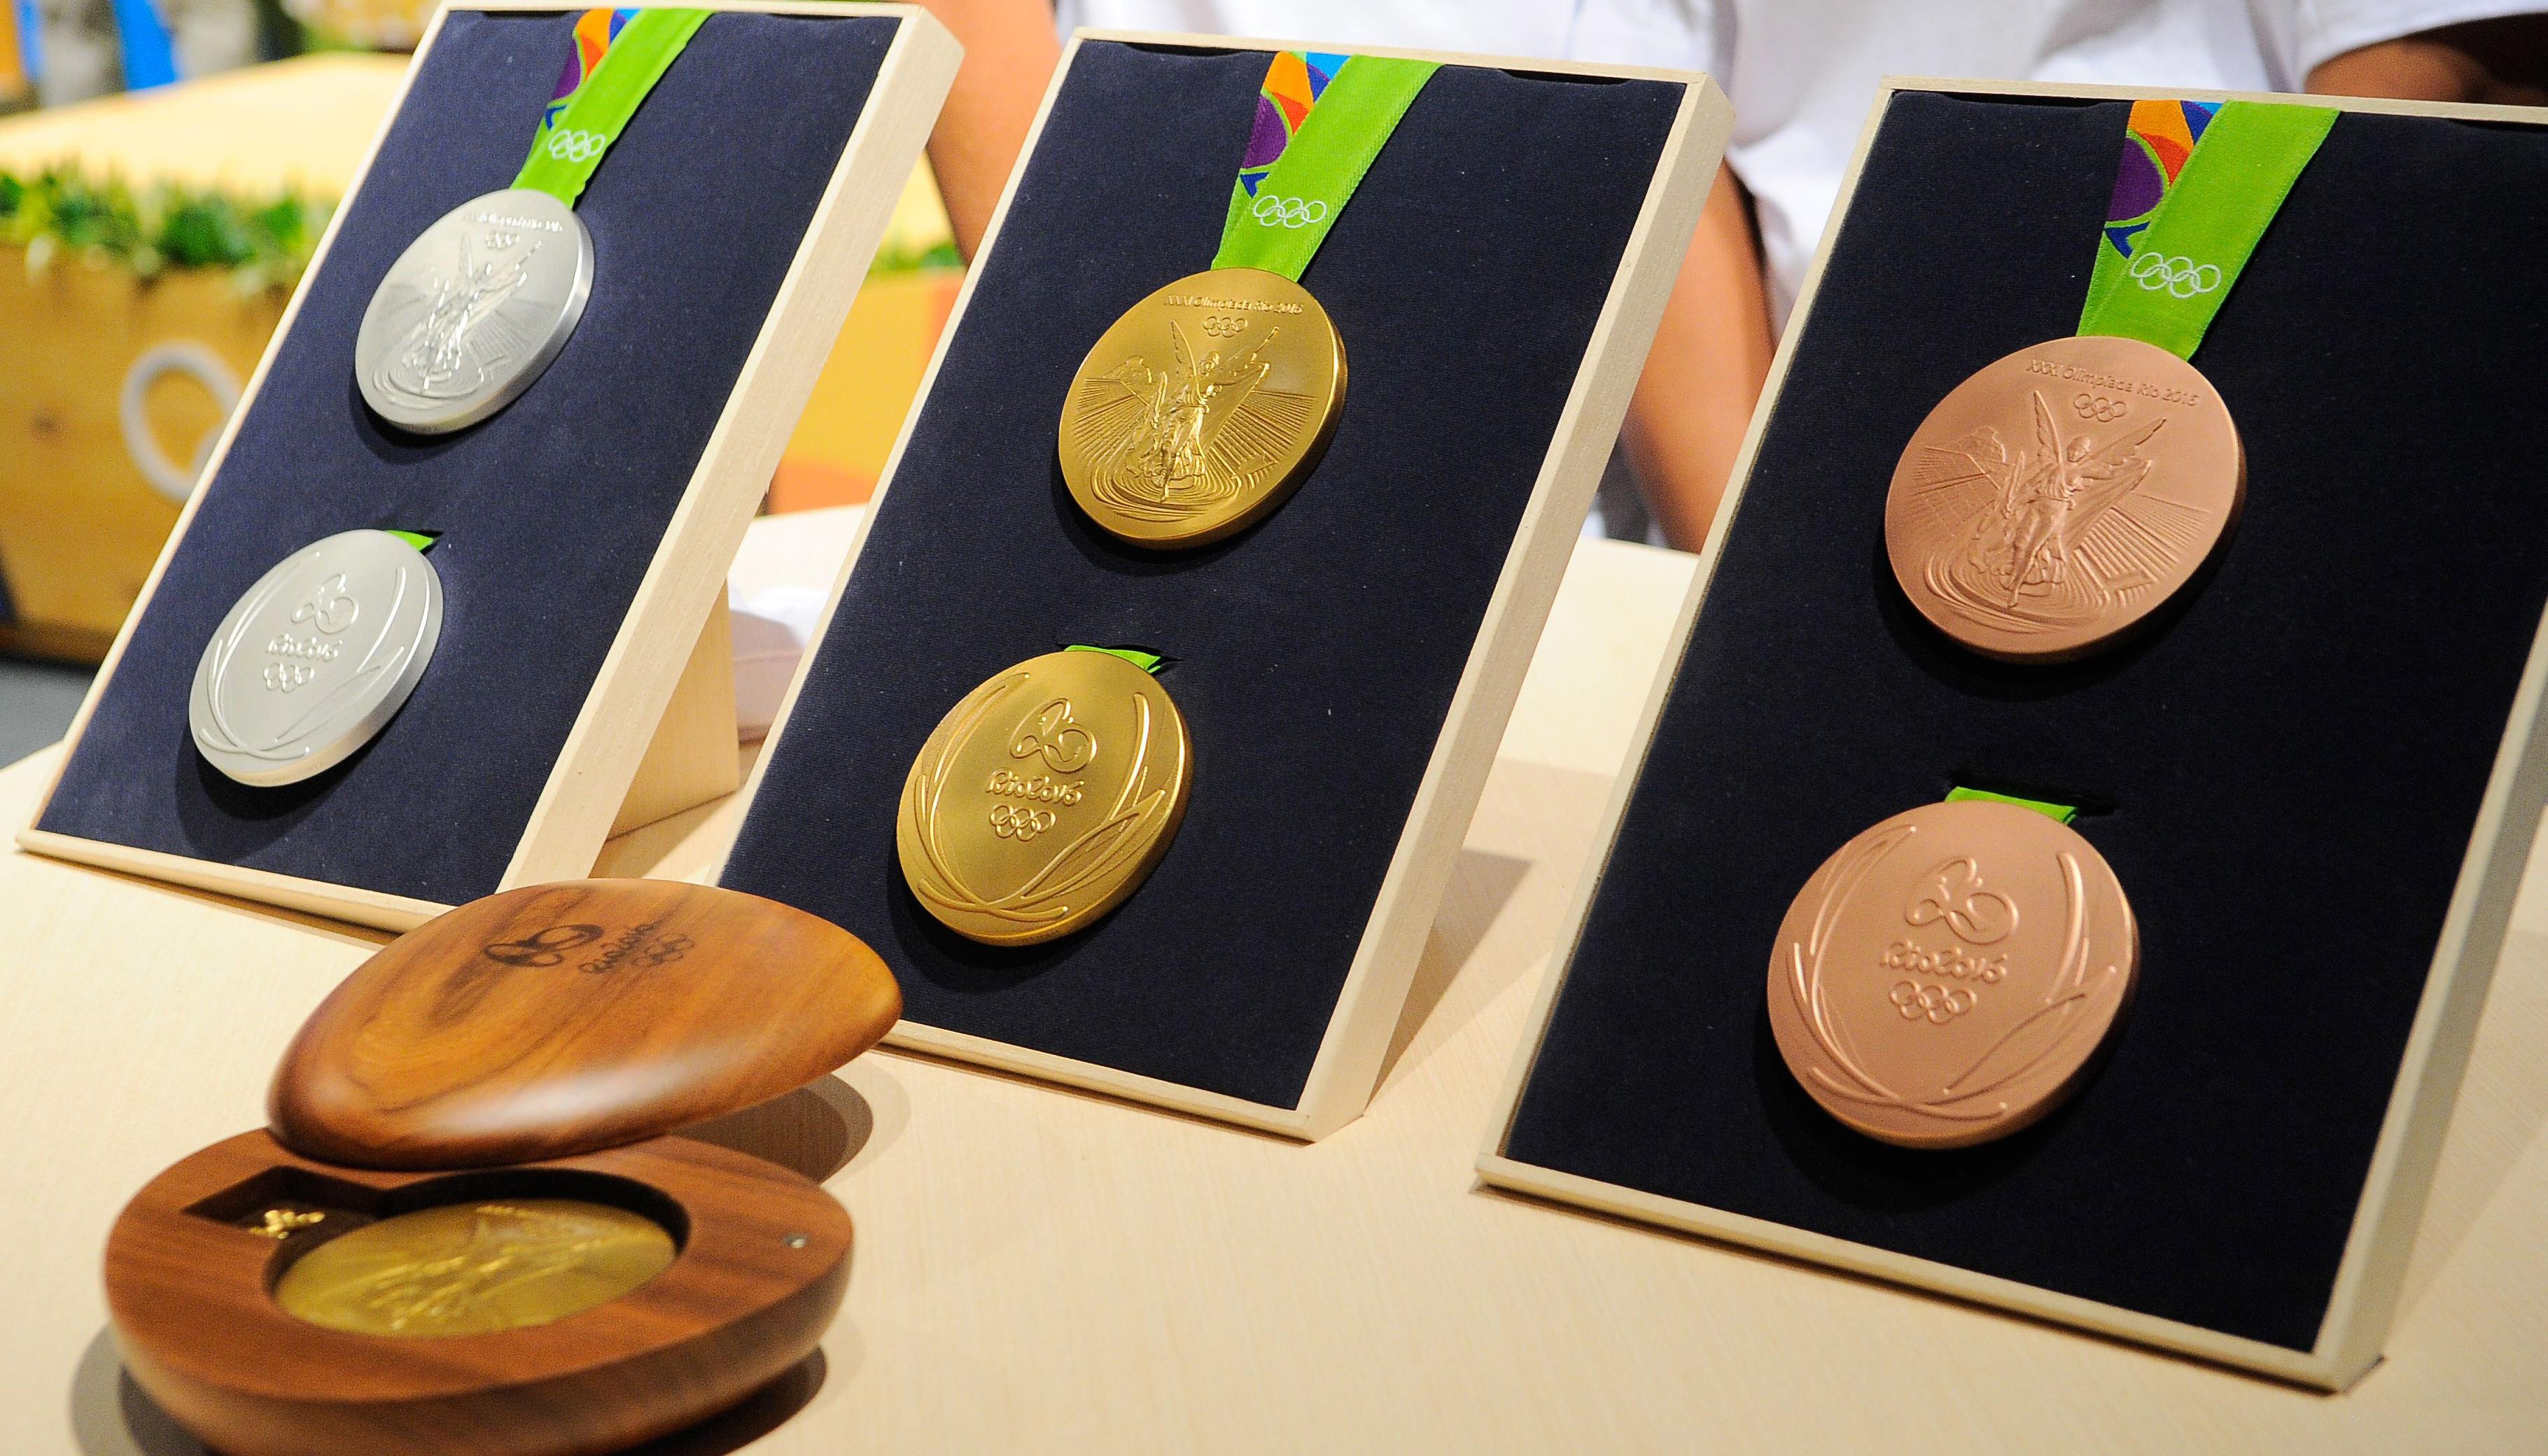 Rio 2016 : ce qu'il faut retenir des Jeux Olympiques